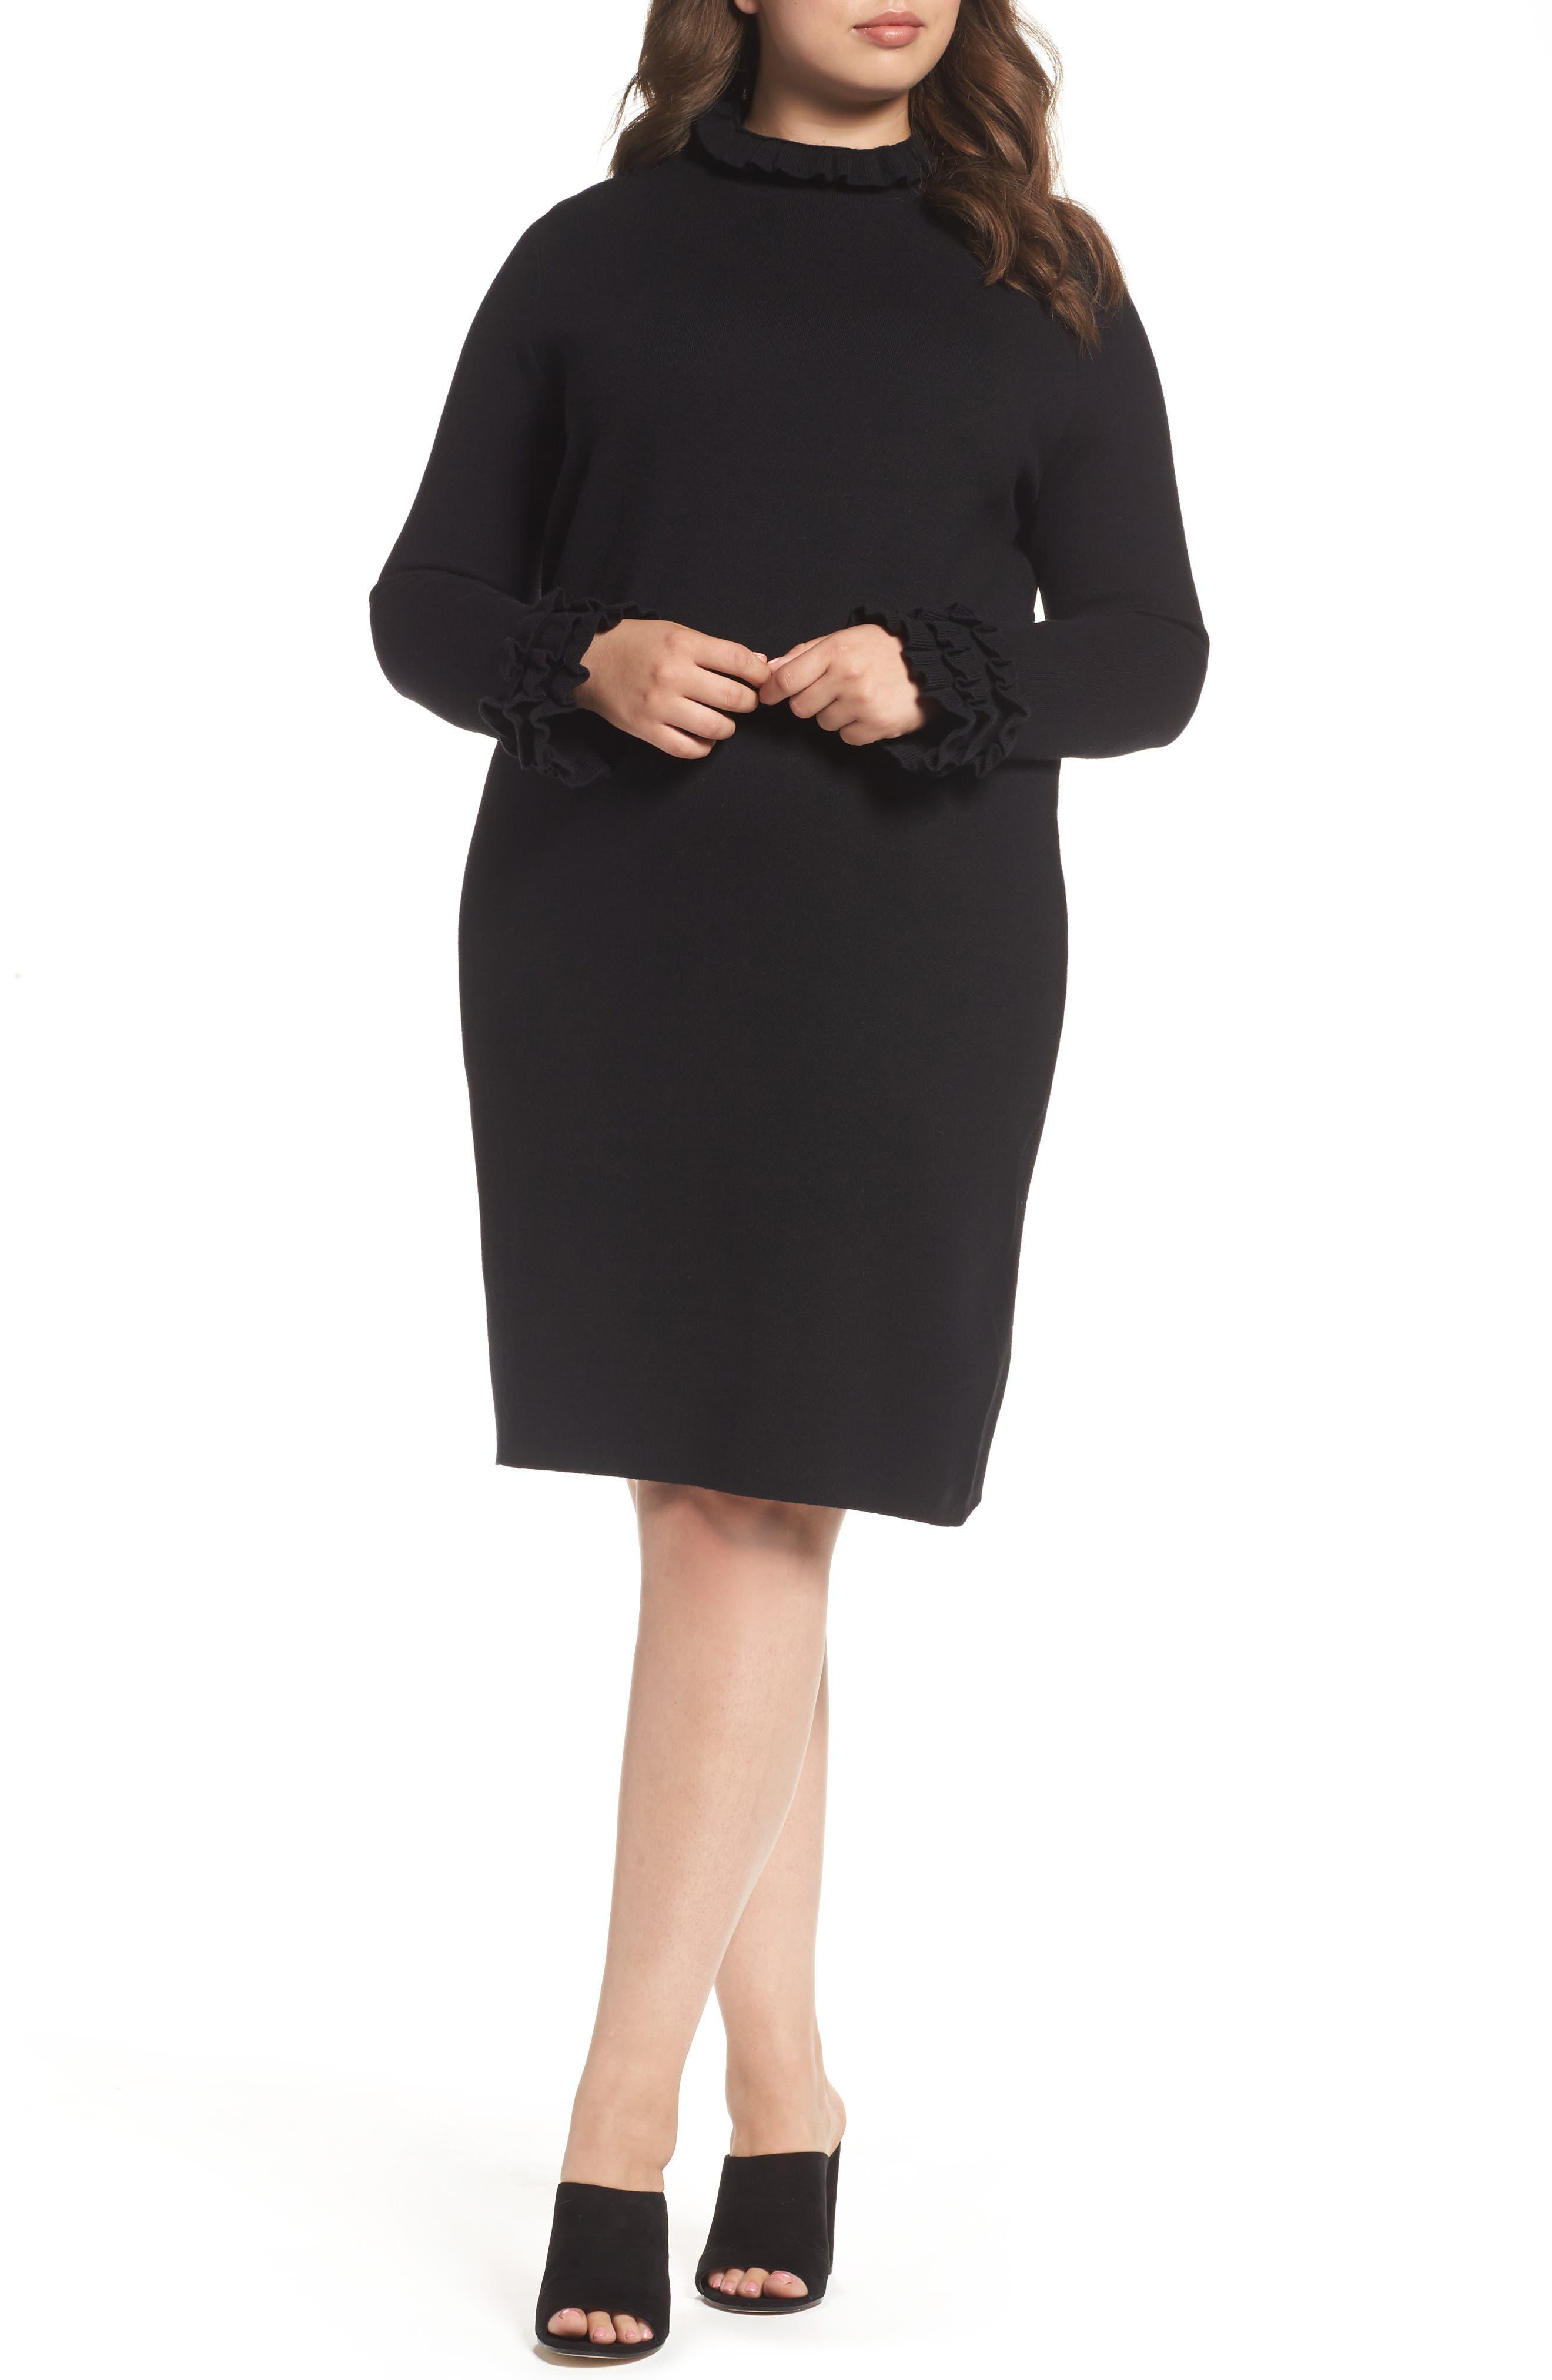 Main Image - Glamorous Ruffle Sleeve Sweater Dress (Plus Size)